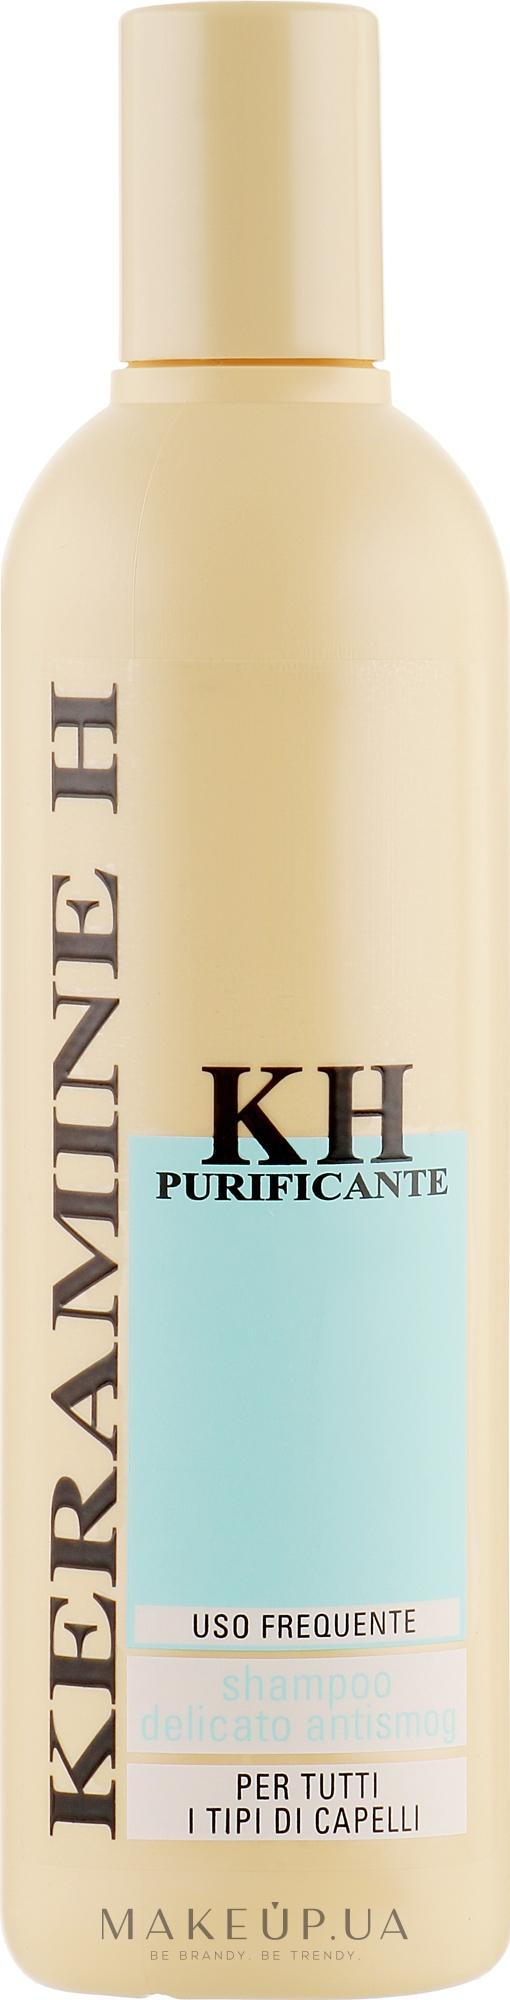 Шампунь очищуючий для частого застосування - Keramine H Shampoo Antismog  — фото 300ml